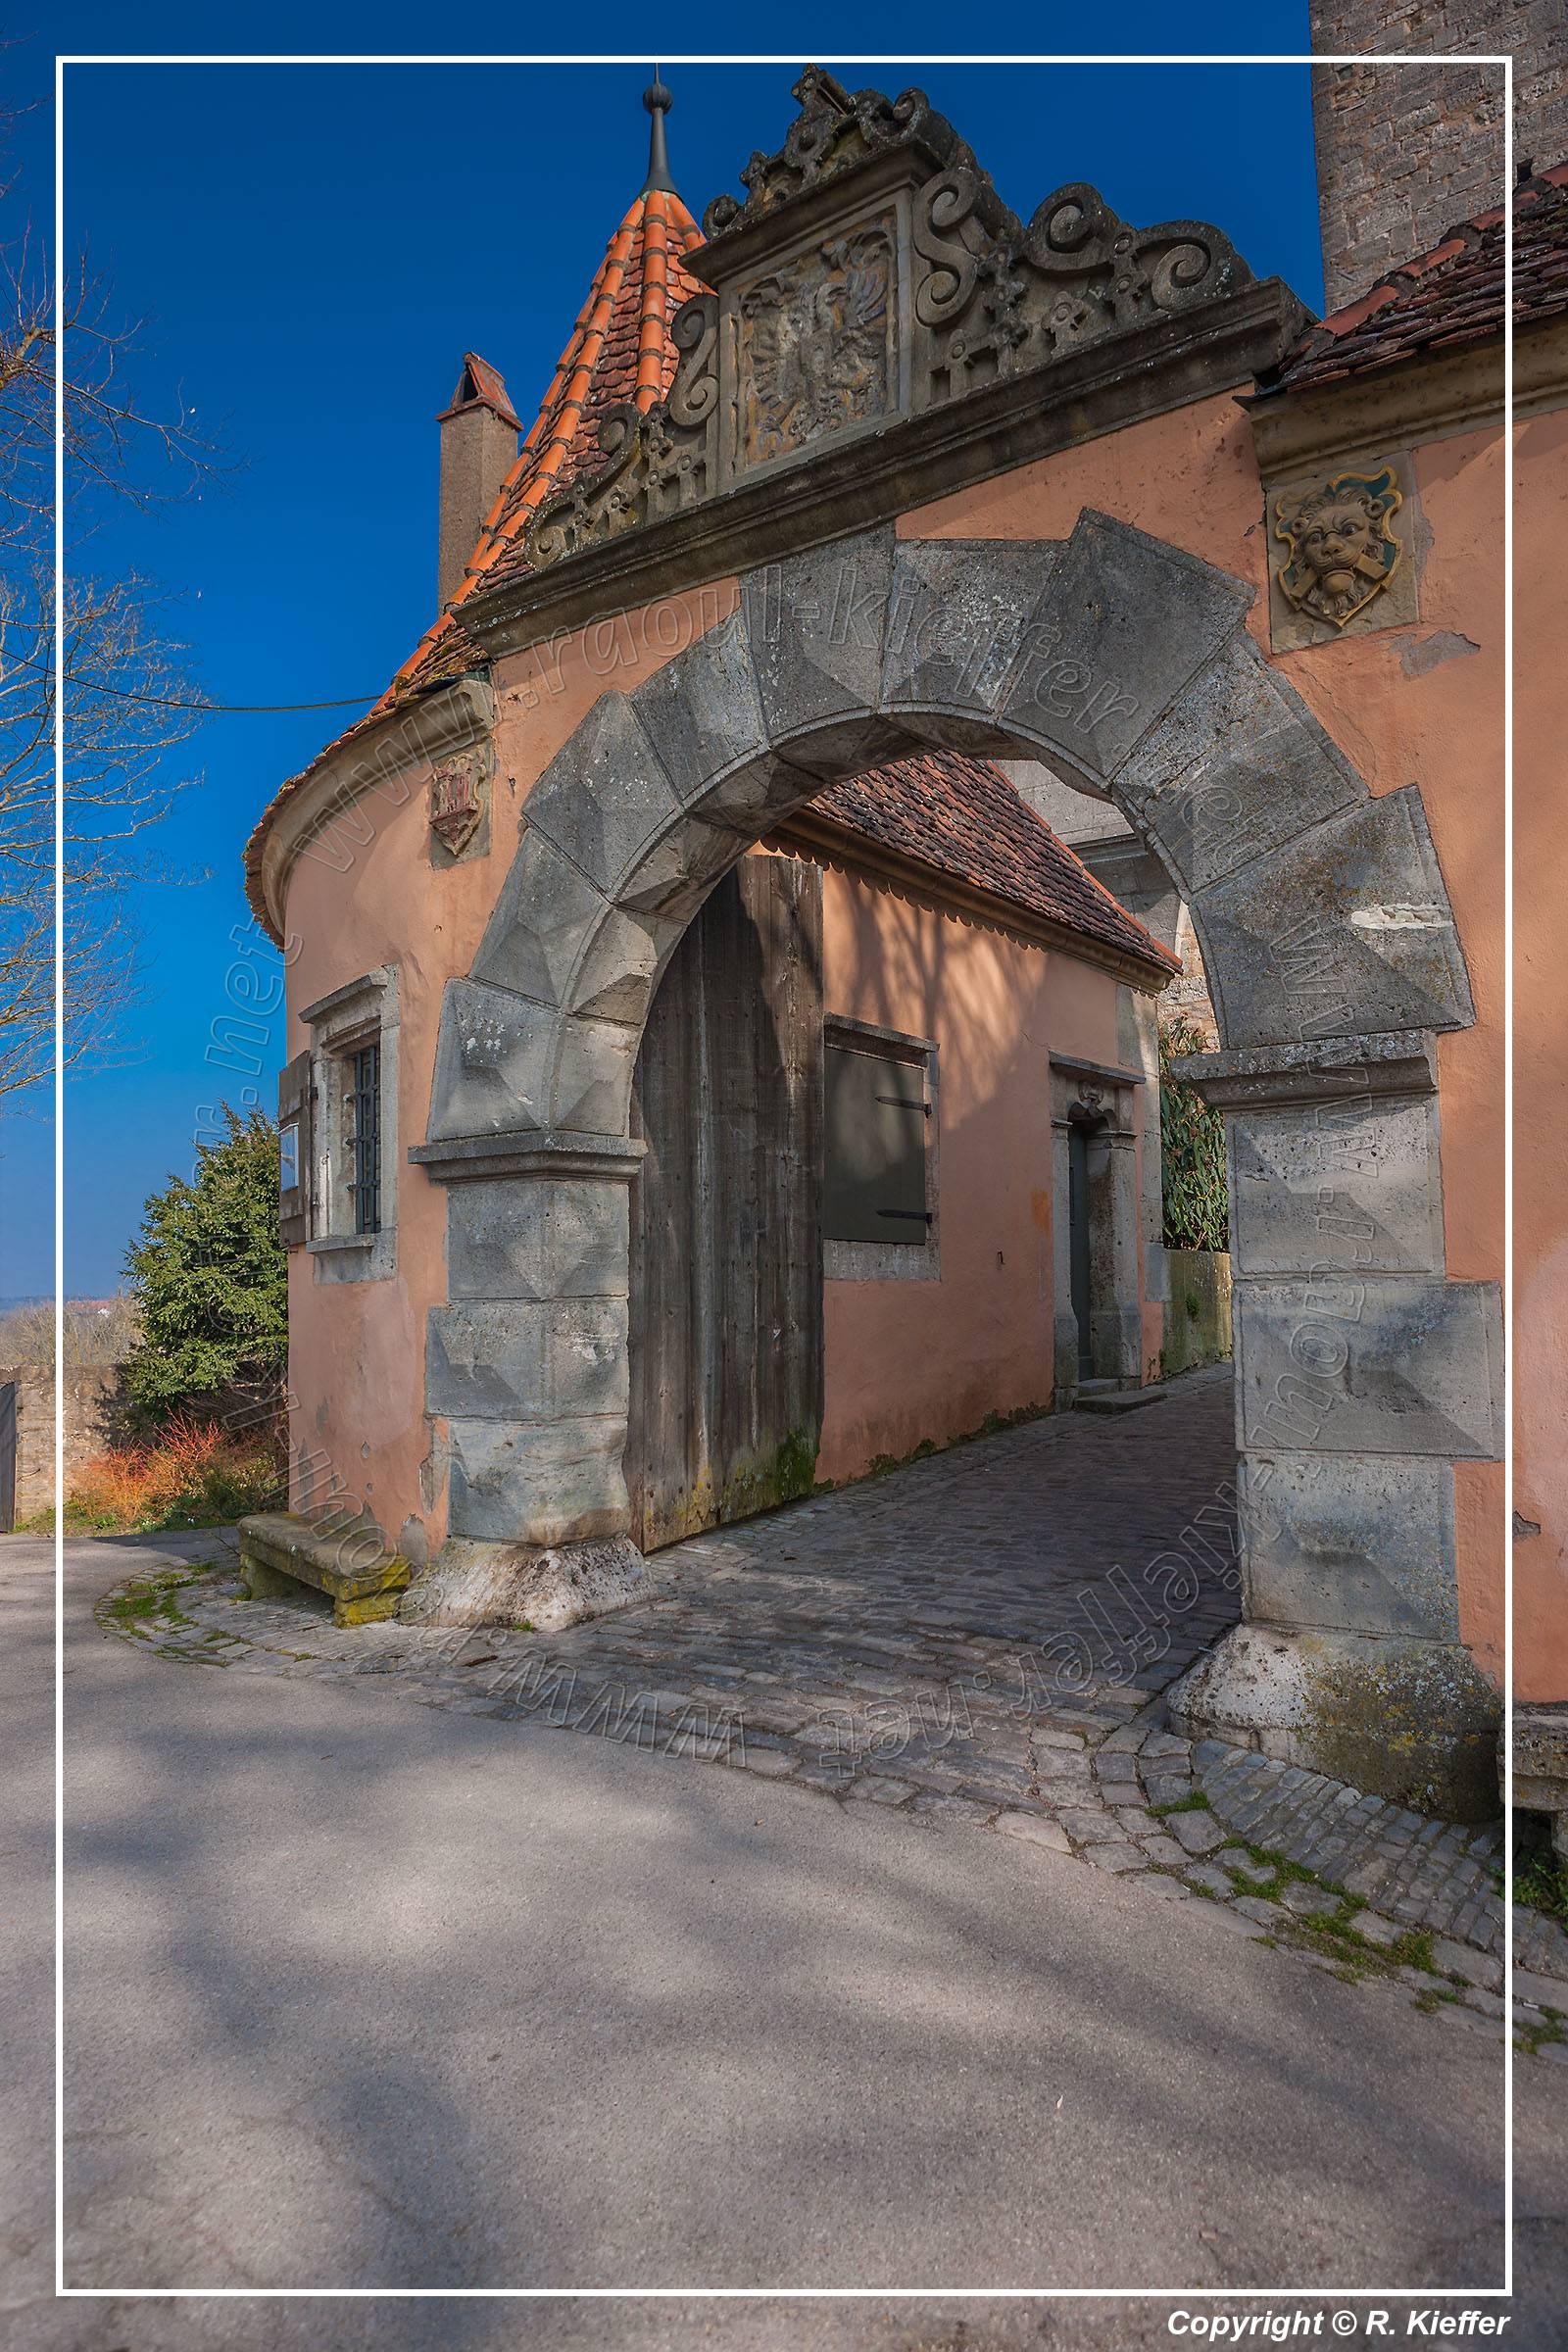 Gasthof Hotel Bezold Rothenburg ob der Tauber